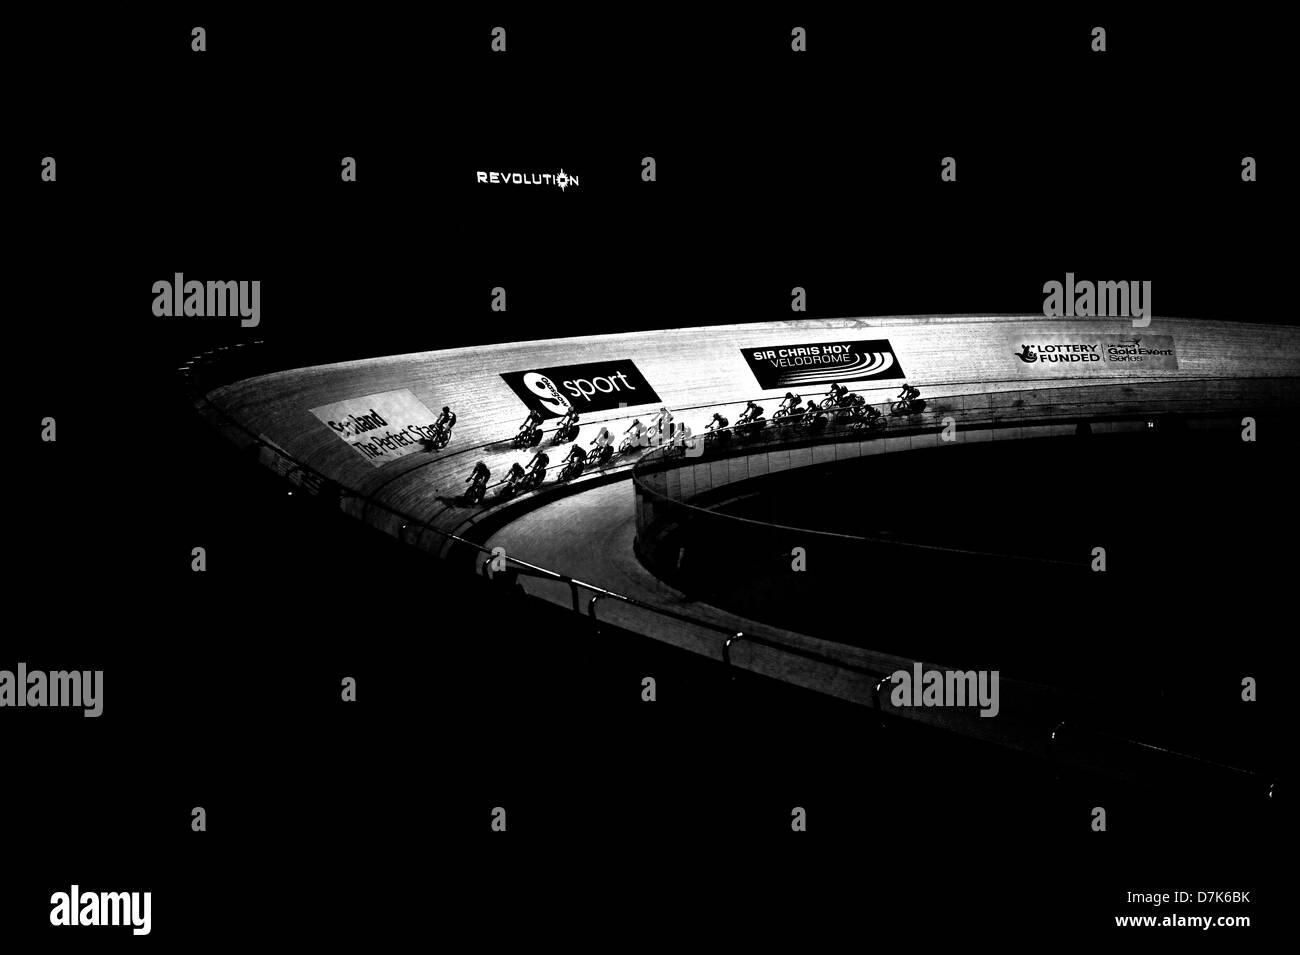 Das Hauptfeld bleibt während der Navigation einer Ecke während des Rennens in der Elite Revolution Track Stockbild